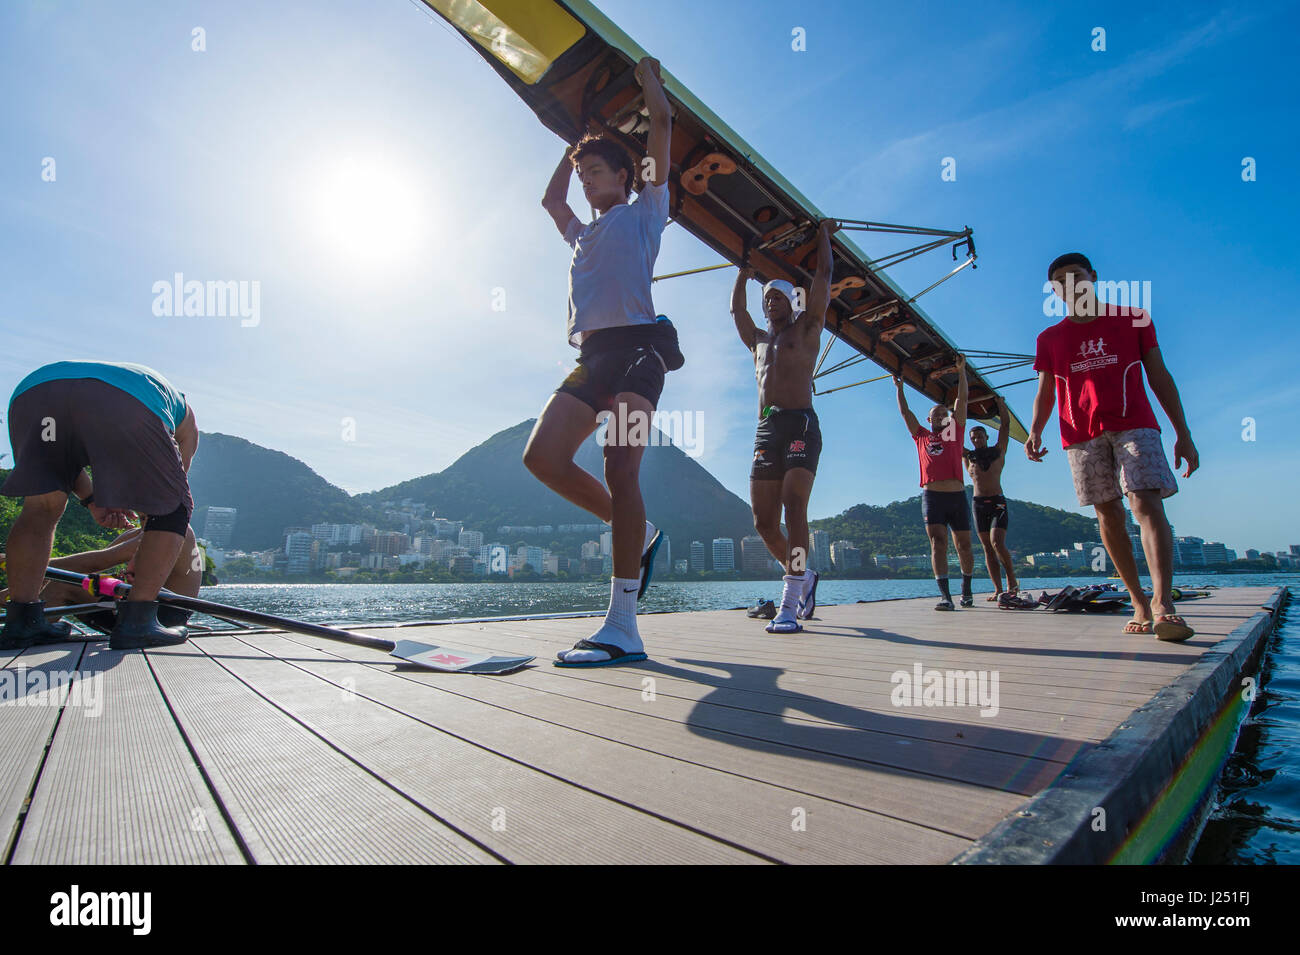 RIO DE JANEIRO - 30 de enero de 2016: Grupo de remeros brasileña transportar su barco desde el banquillo de Imagen De Stock